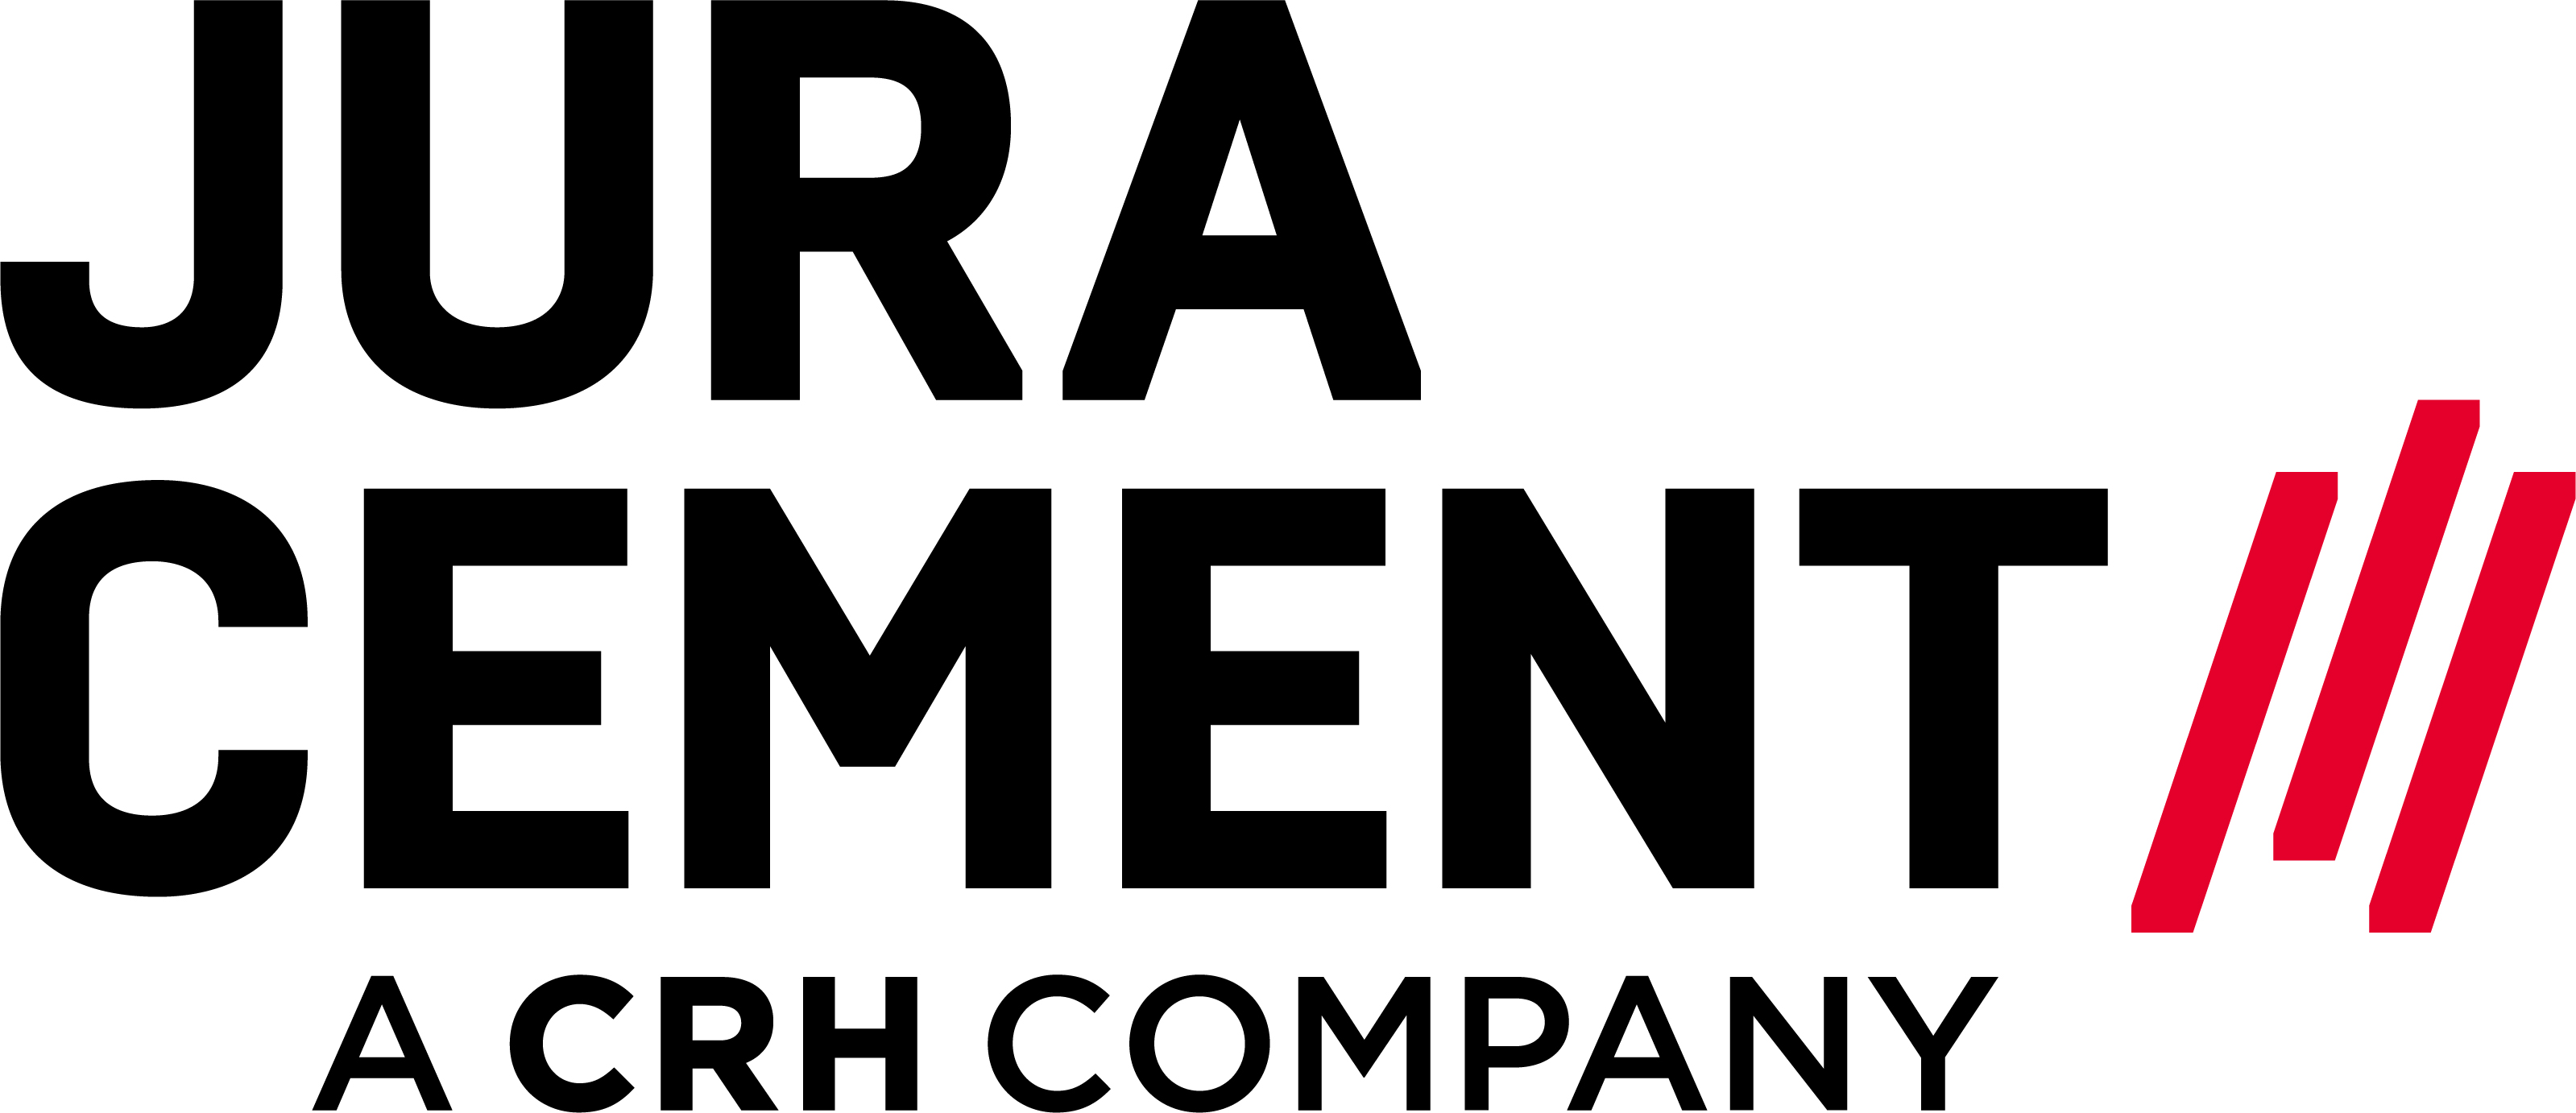 Jura-Cement-Fabriken